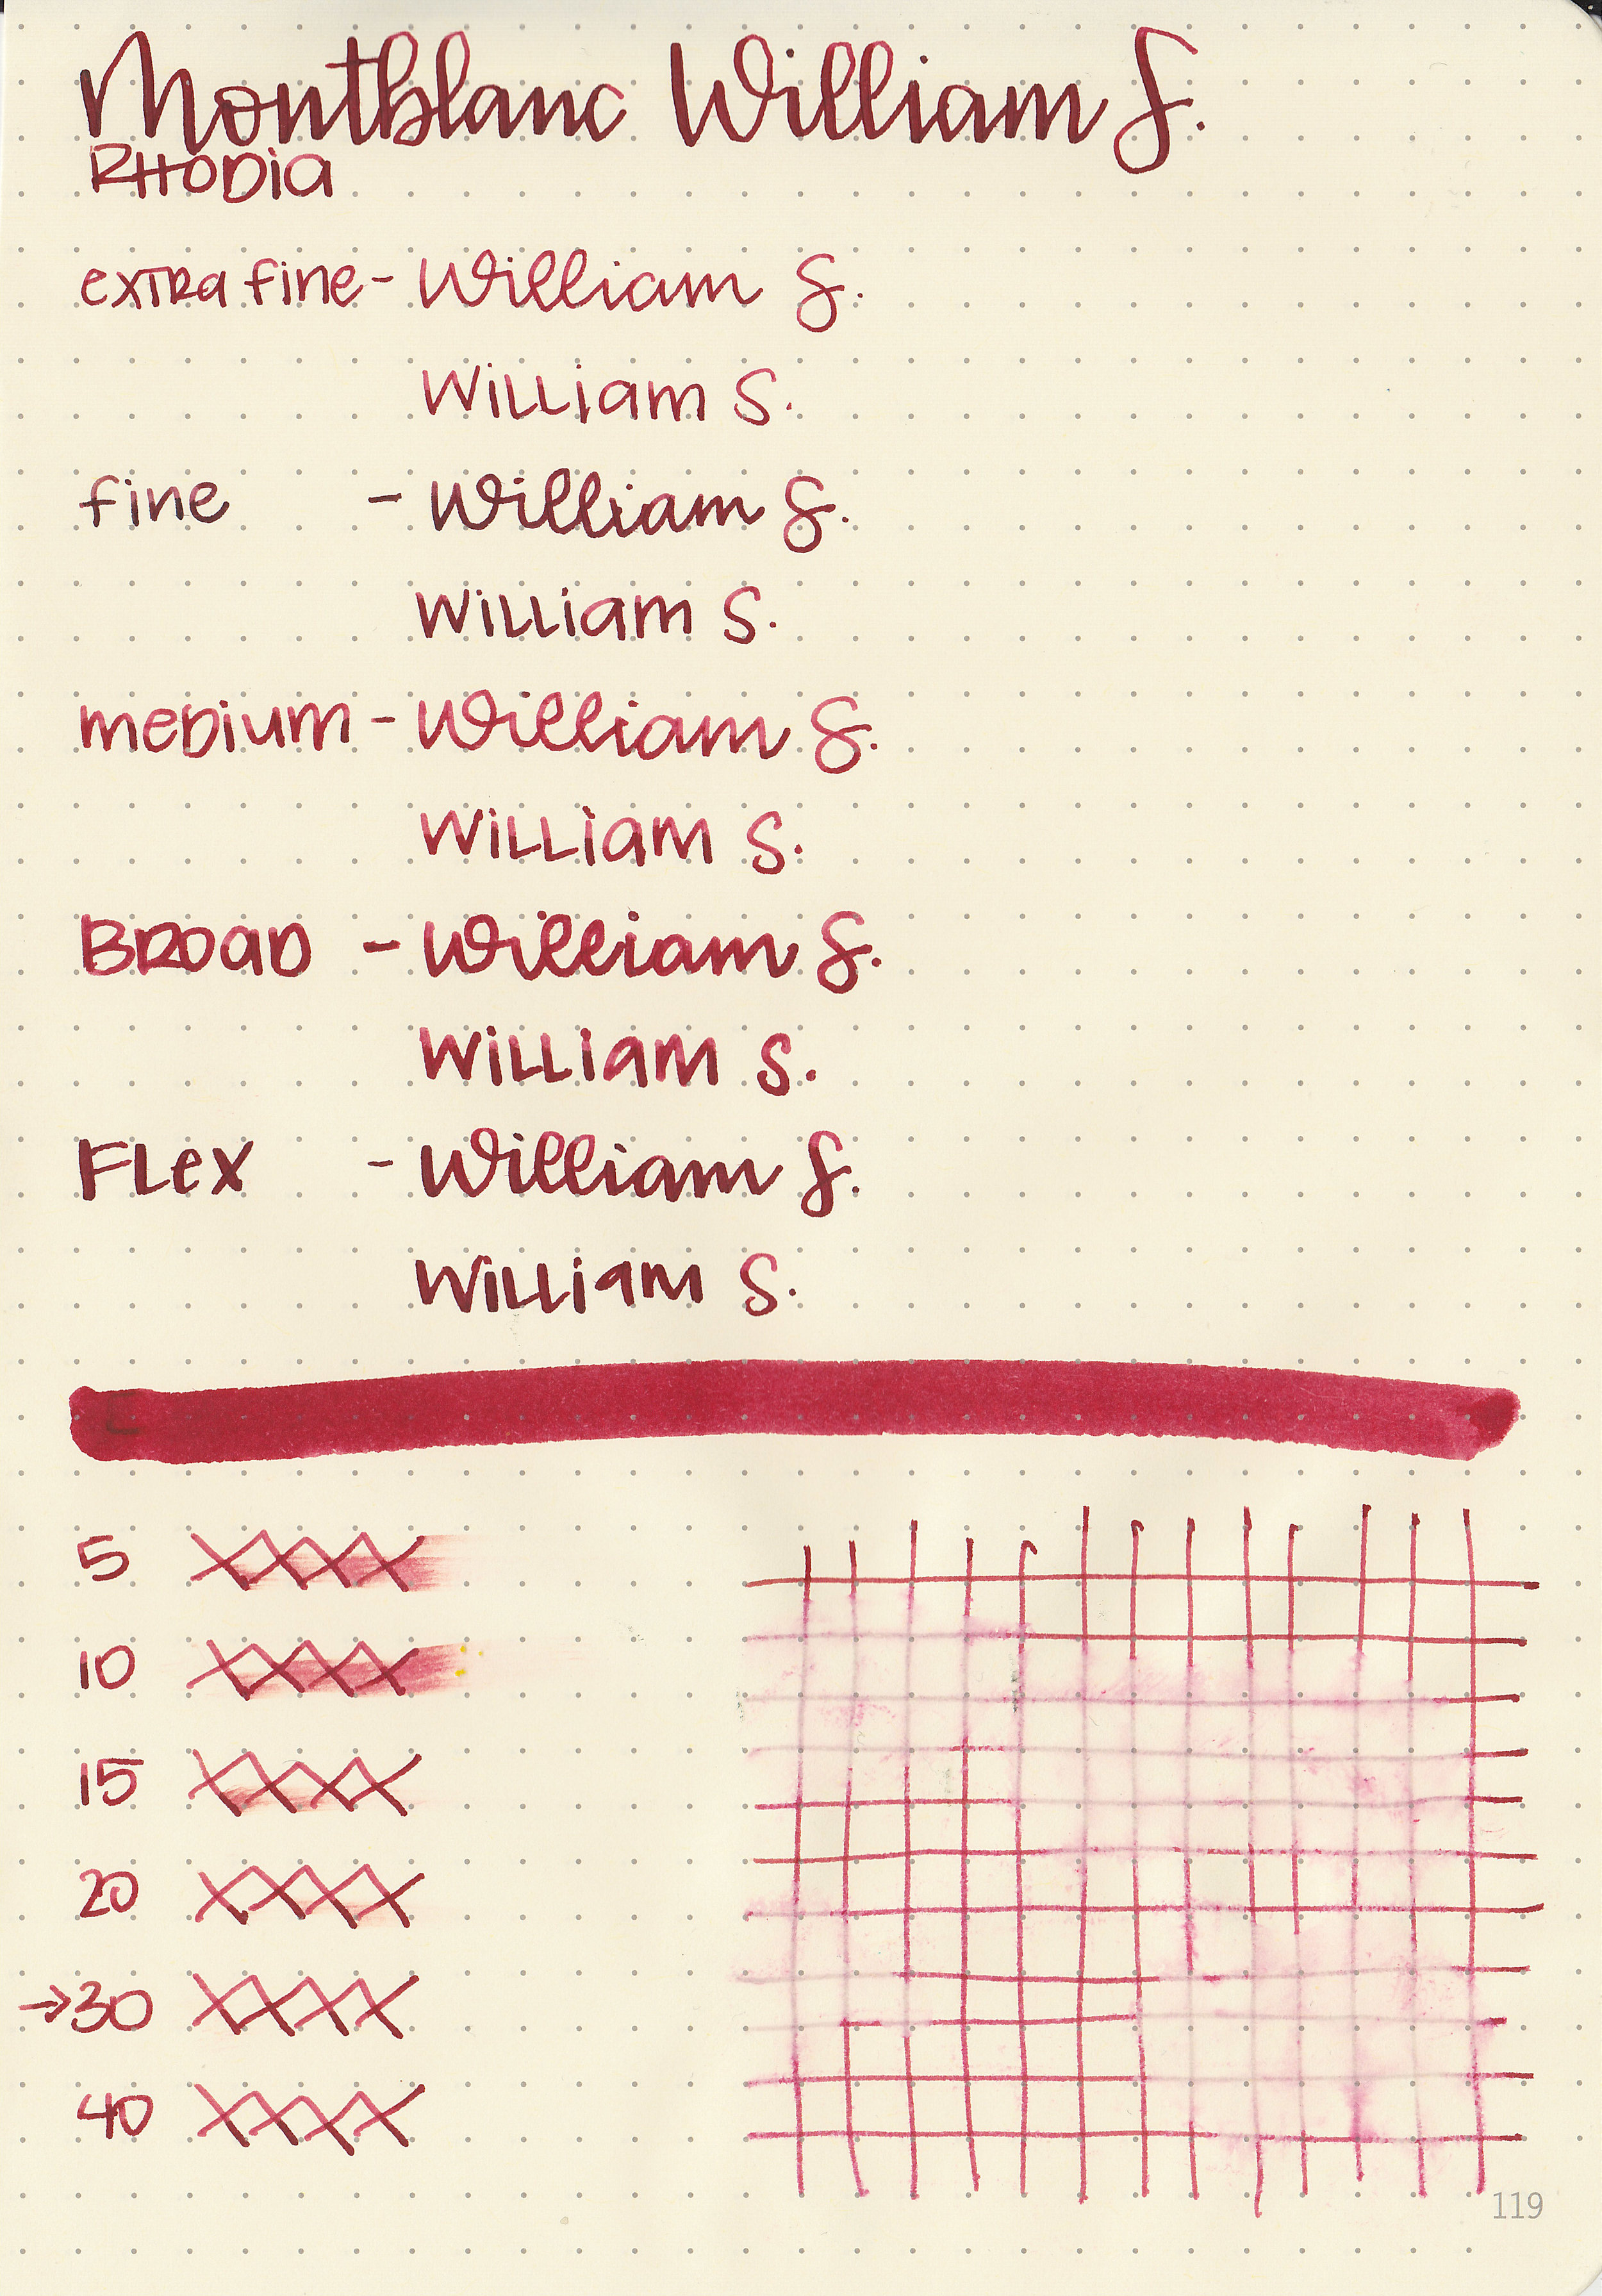 mb-william-s-5.jpg